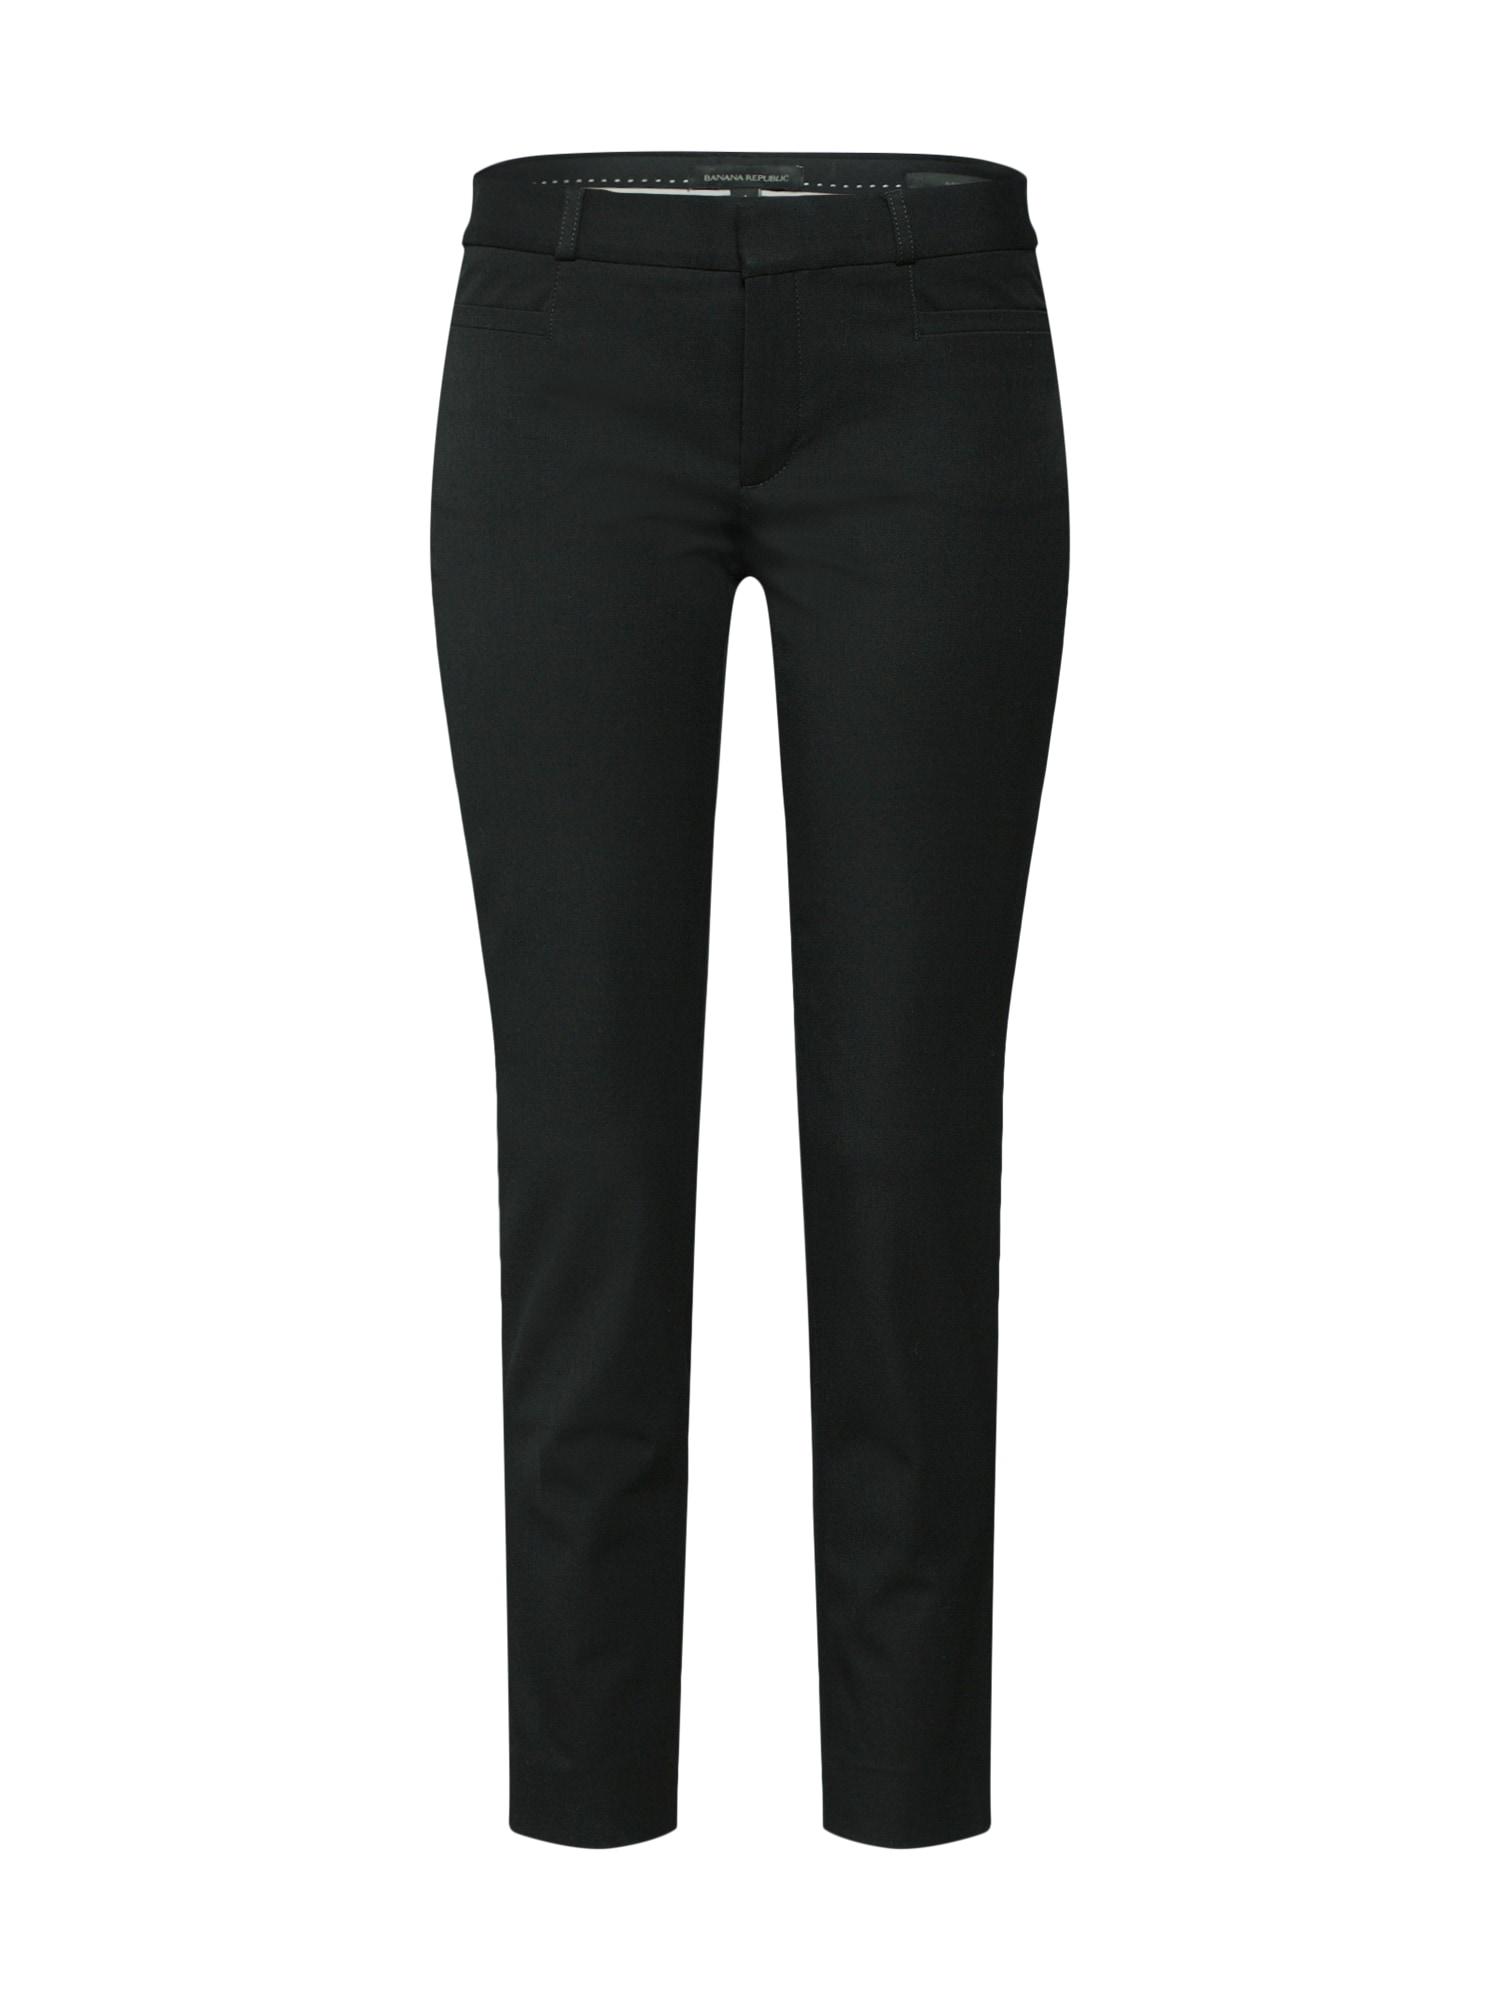 Chino kalhoty Sloan Solids černá Banana Republic